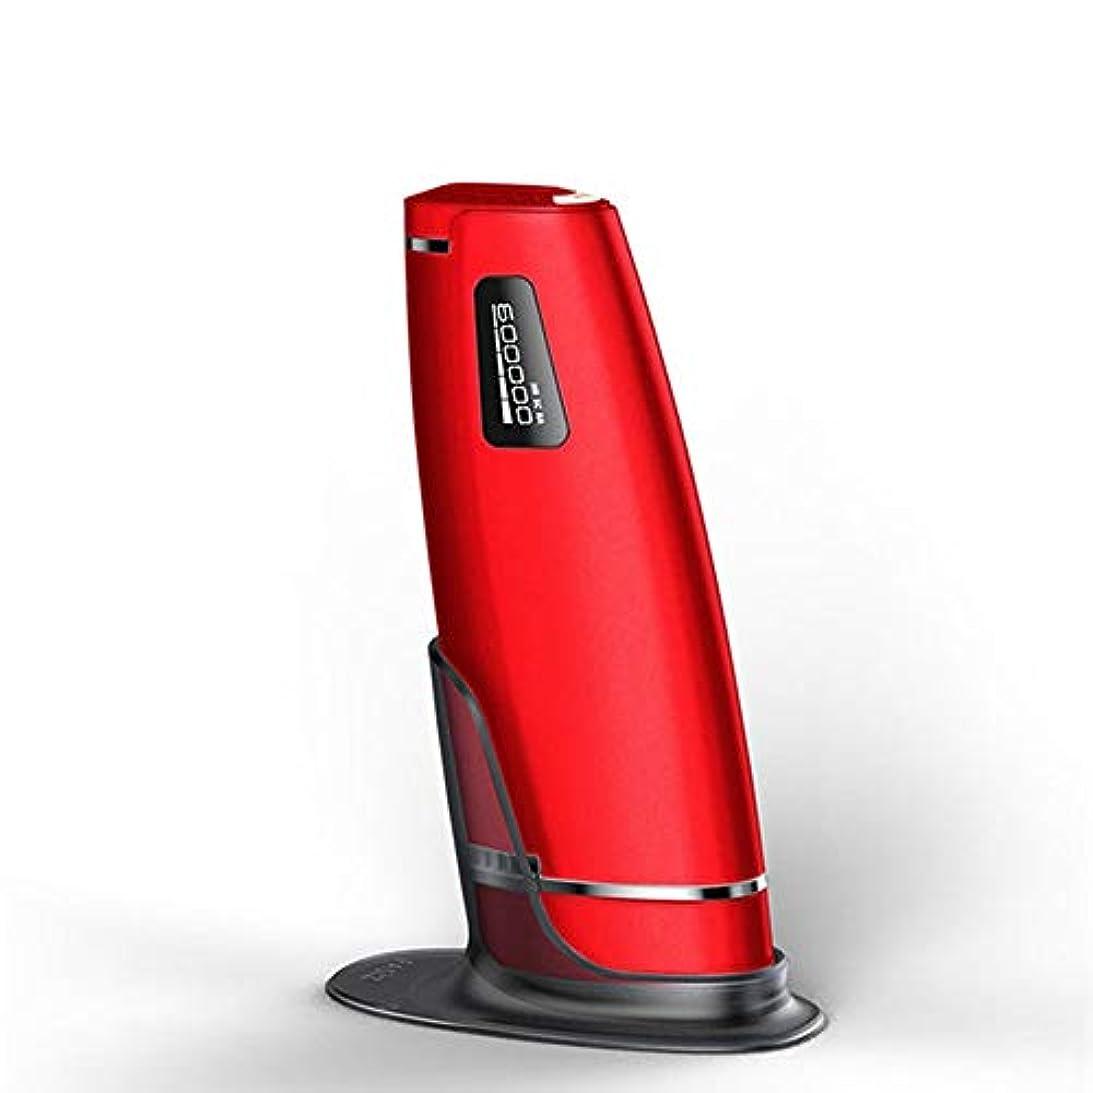 被害者人前提赤、デュアルモード、ホームオートマチック無痛脱毛剤、携帯用永久脱毛剤、5スピード調整、サイズ20.5 X 4.5 X 7 Cm 髪以外はきれい (Color : Red)